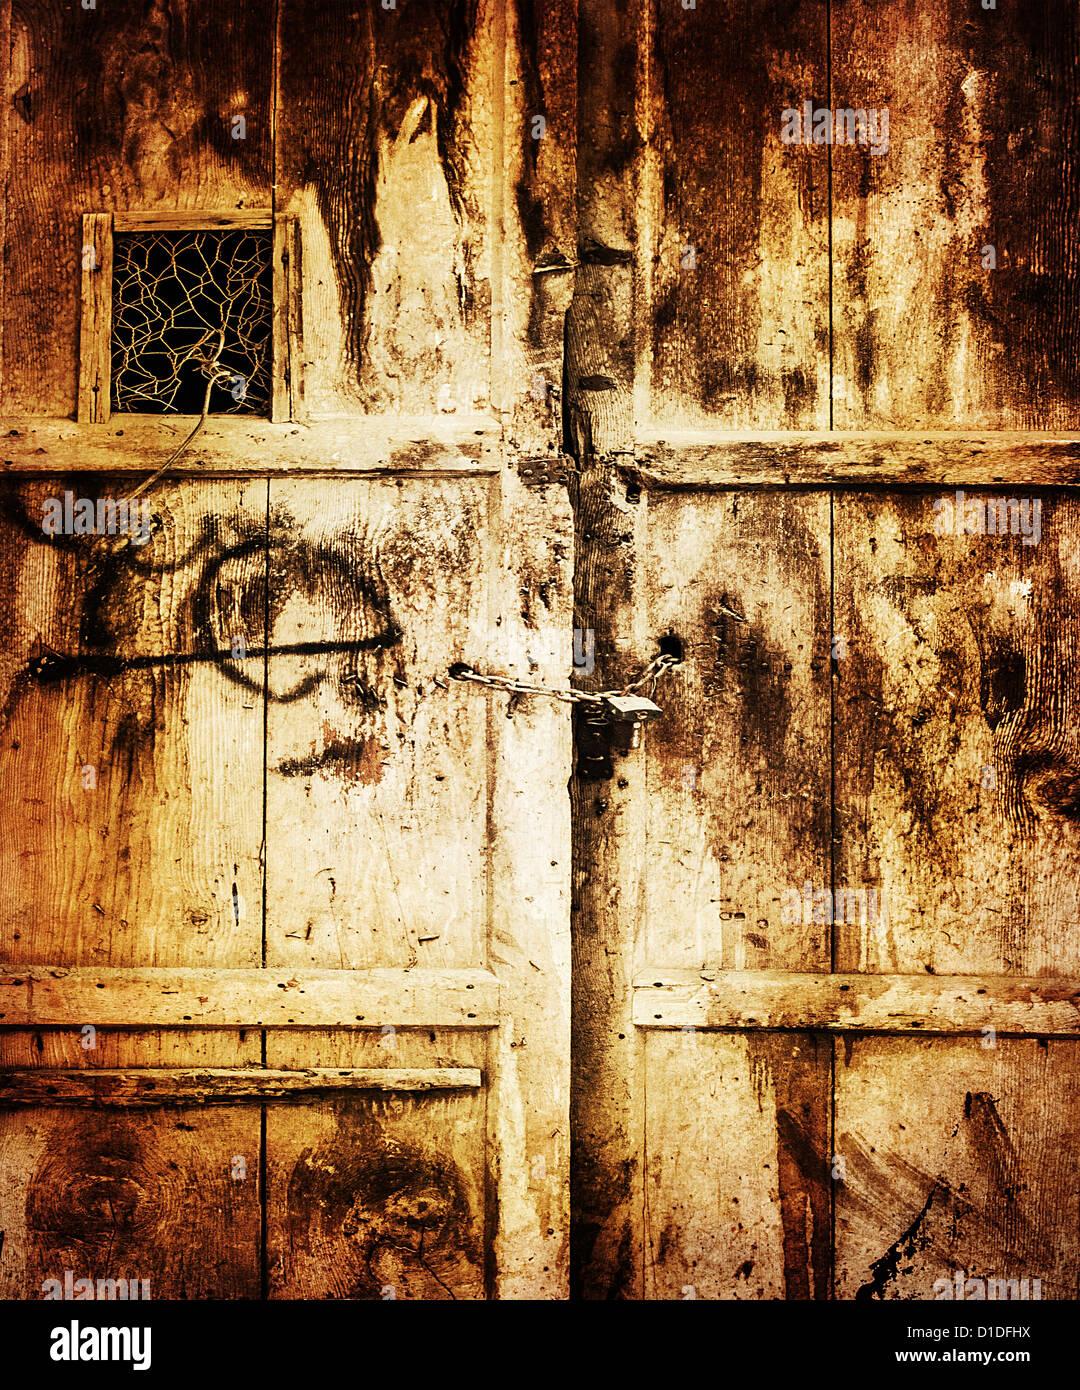 Bild der alten Holztür schmutzigen Hintergrund, Retro-Stil Foto, Grunge Eingang ins Haus, verschlossene Tür, Stockbild